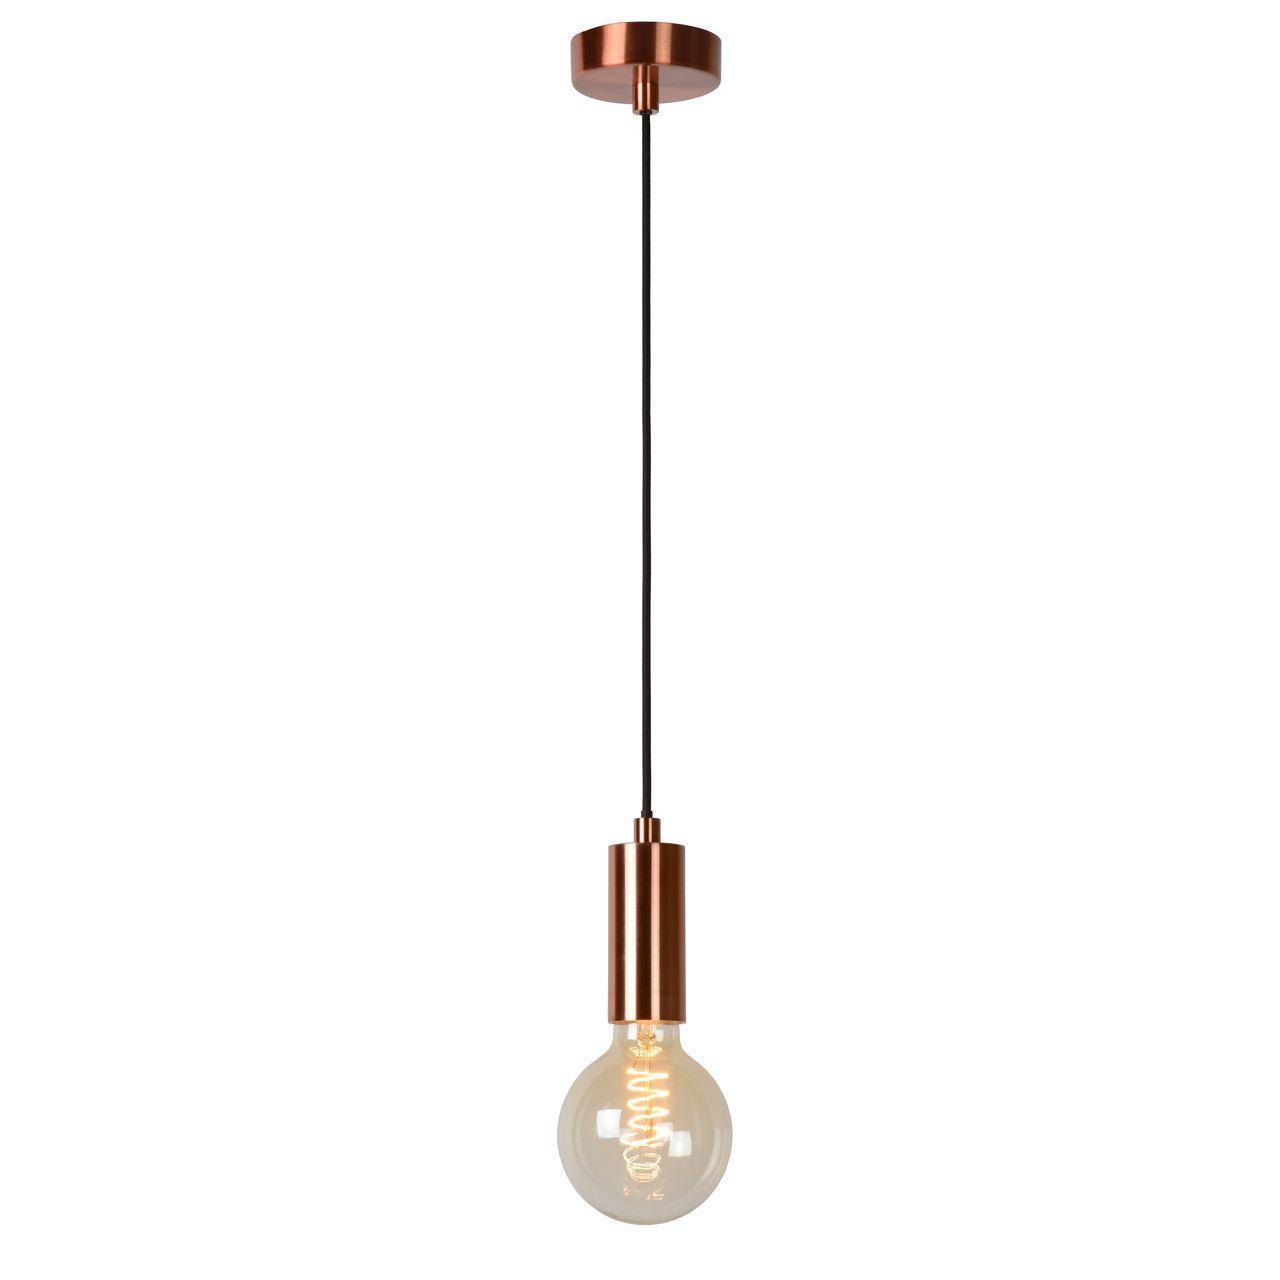 Подвесной светильник Lucide Droopy30490/01/17 соединитель gf 5429